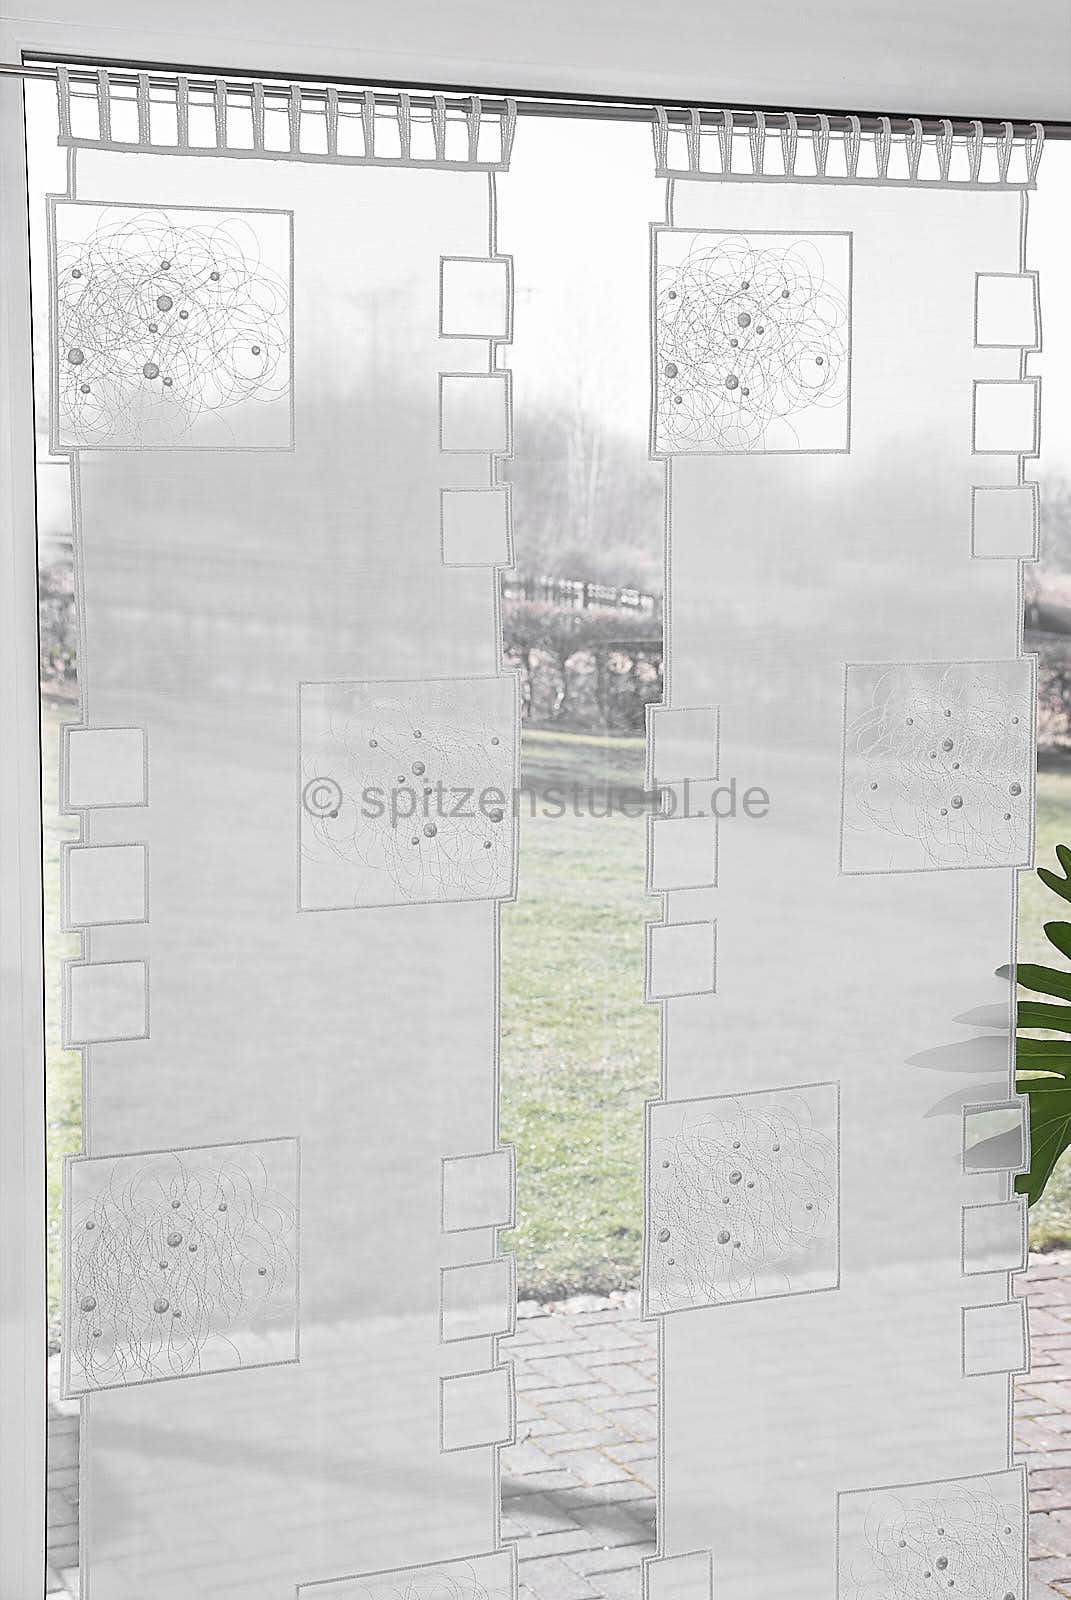 Full Size of Scheibengardinen Modern Plauener Spitze Online Tapete Küche Moderne Bilder Fürs Wohnzimmer Holz Esstische Deckenleuchte Schlafzimmer Bett Design Modernes Wohnzimmer Scheibengardine Modern